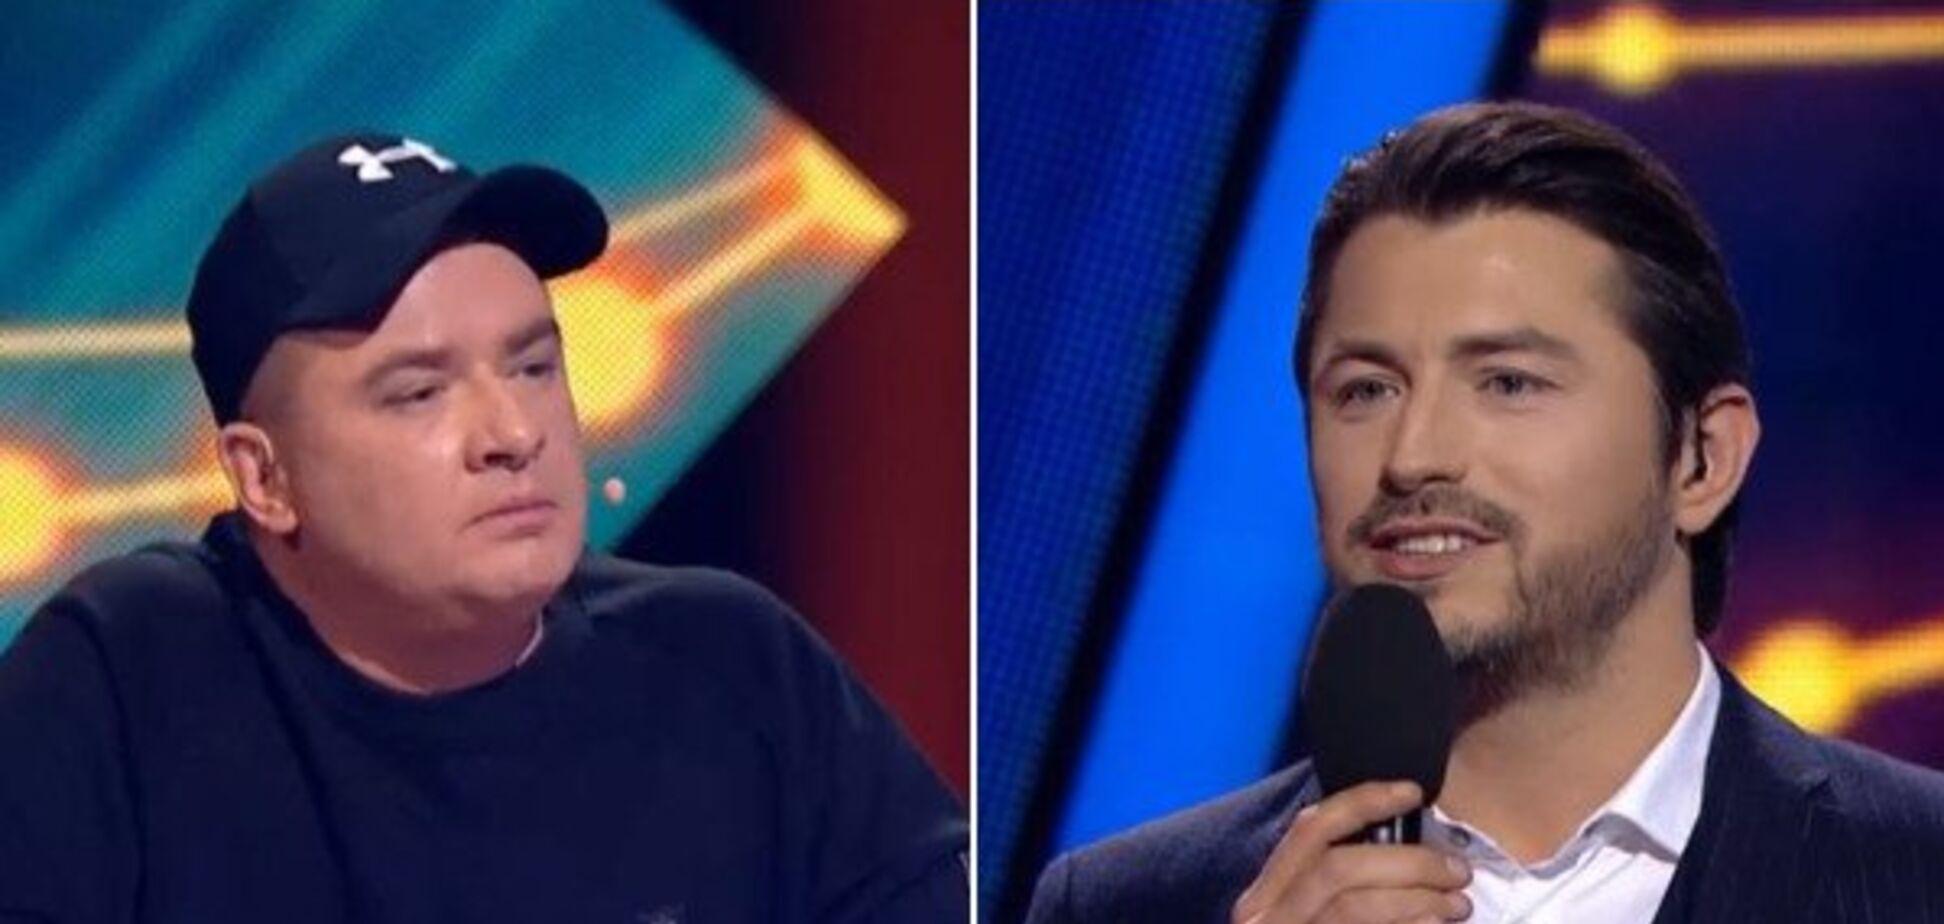 Нацвідбір на Євробачення: Притула та Данилко зчепилися в прямому ефірі. Відео